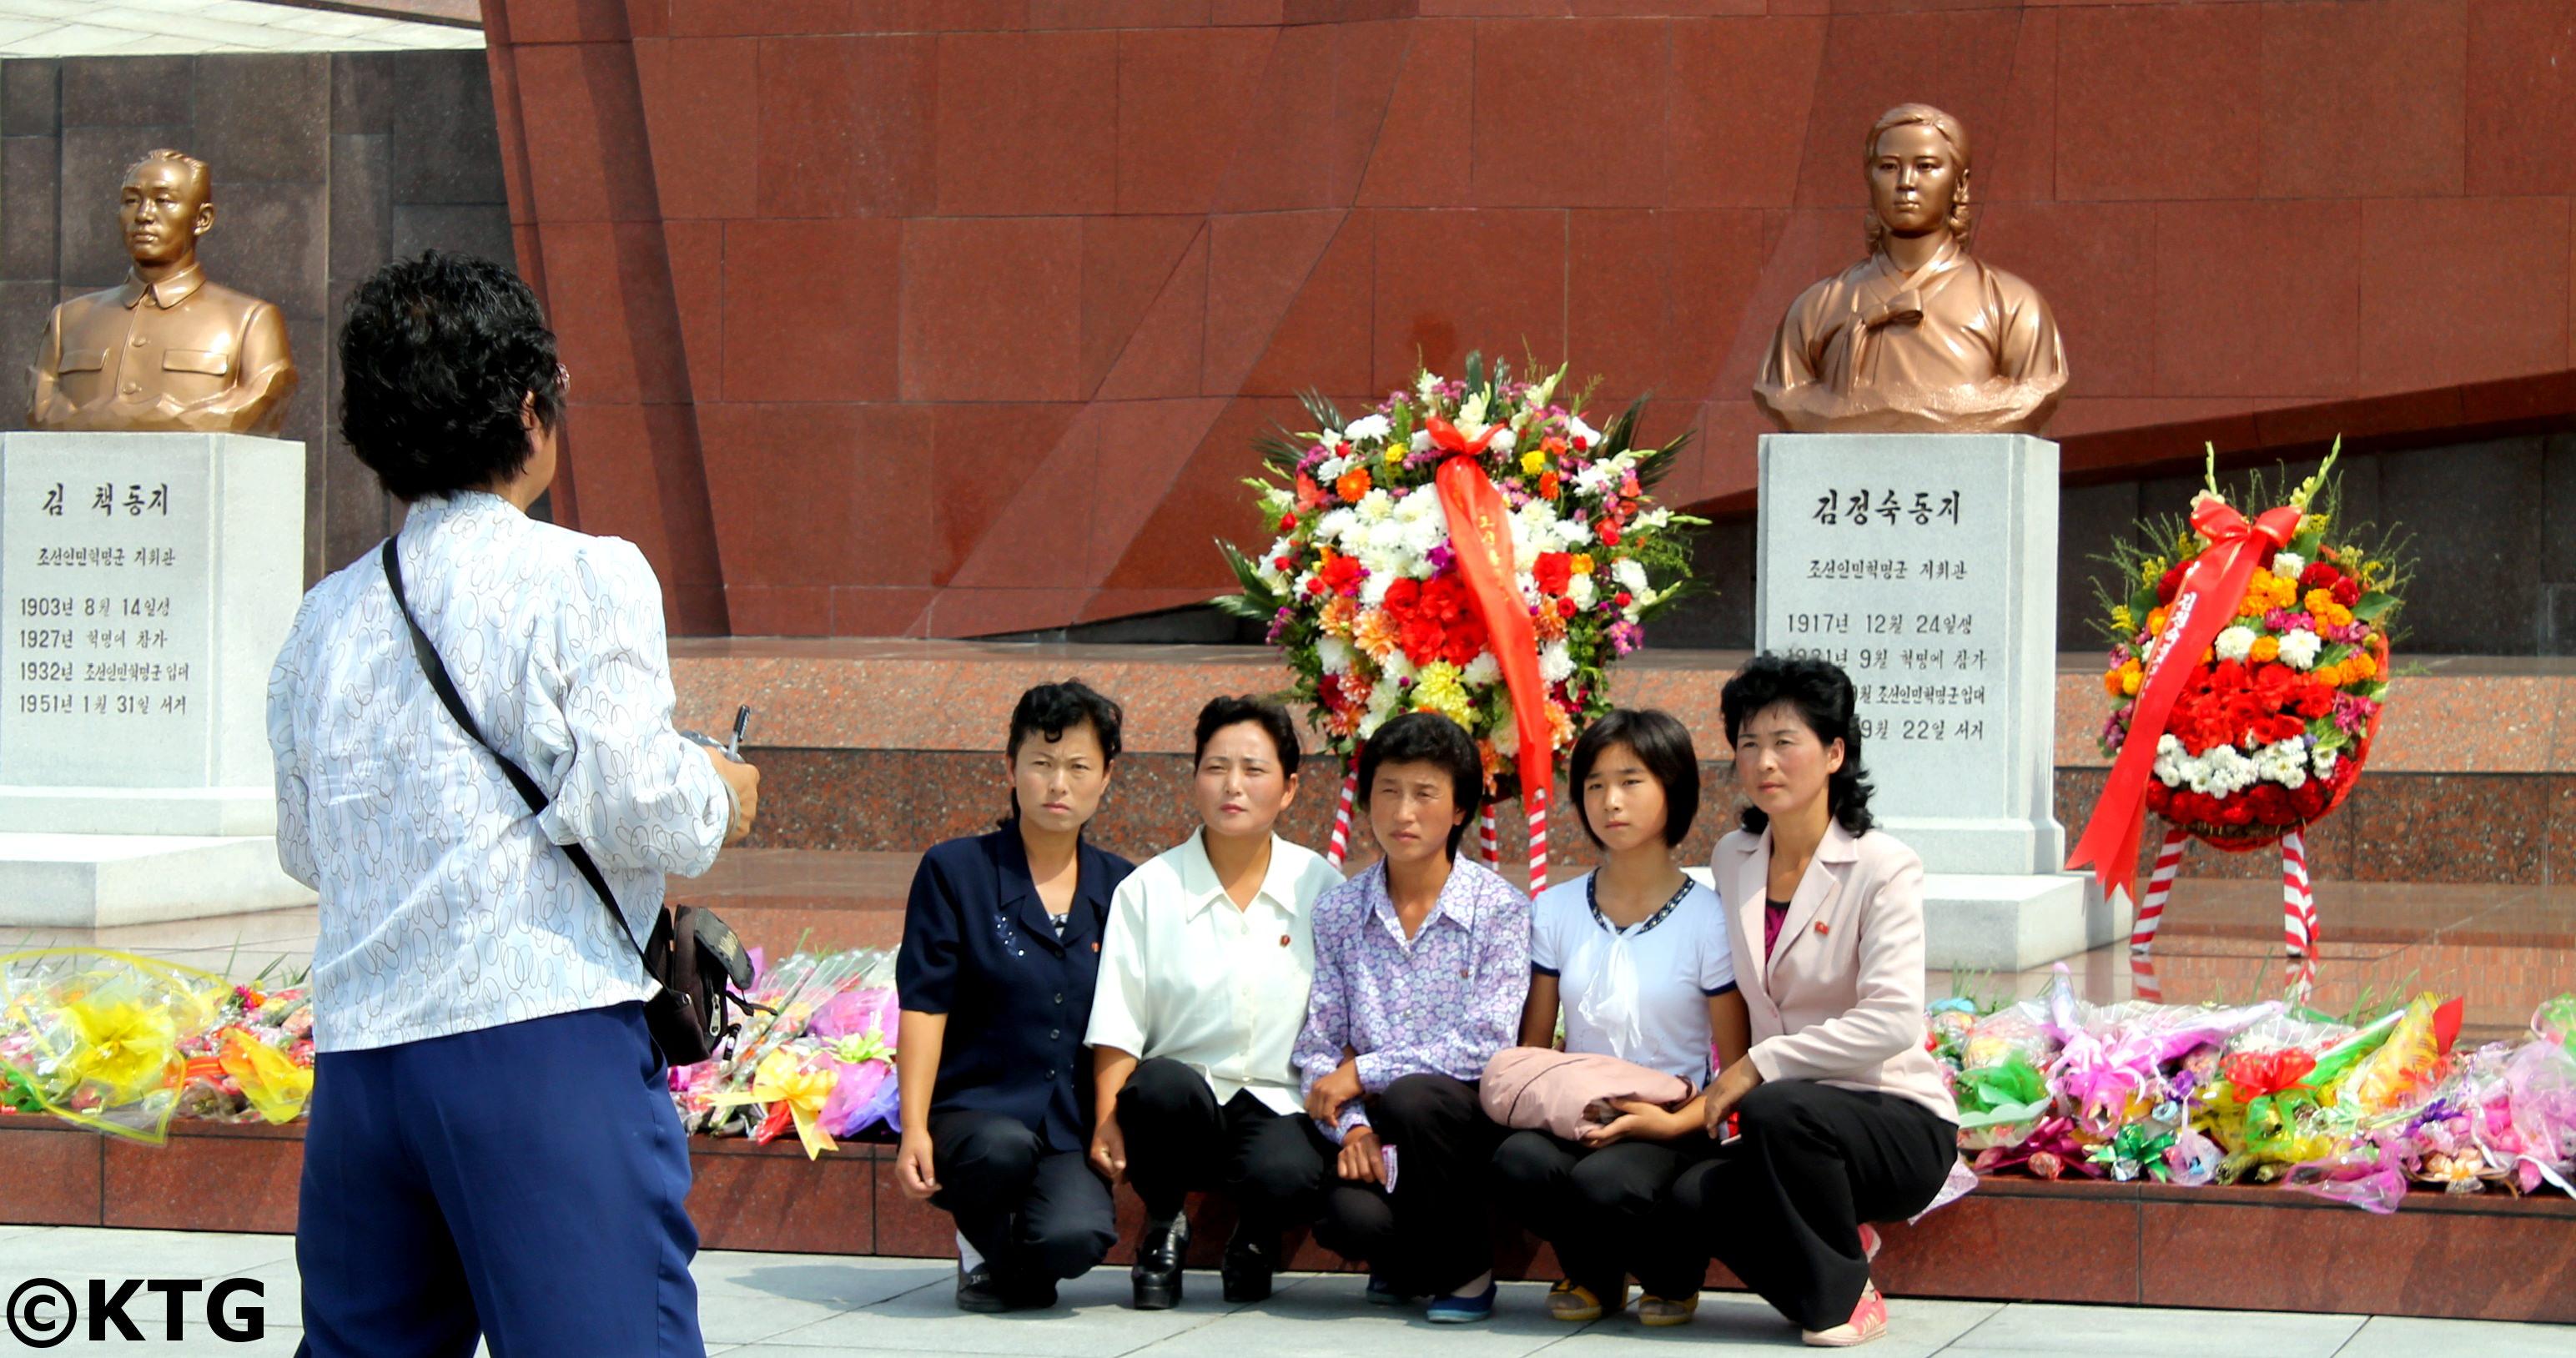 Una familia norcoreana se saca una foto en frente del busto de bronze de la Camarada Kim Jong Suk en el Cementerio de los Mártires Revolucionarios en Pyongyang en de Corea del Norte